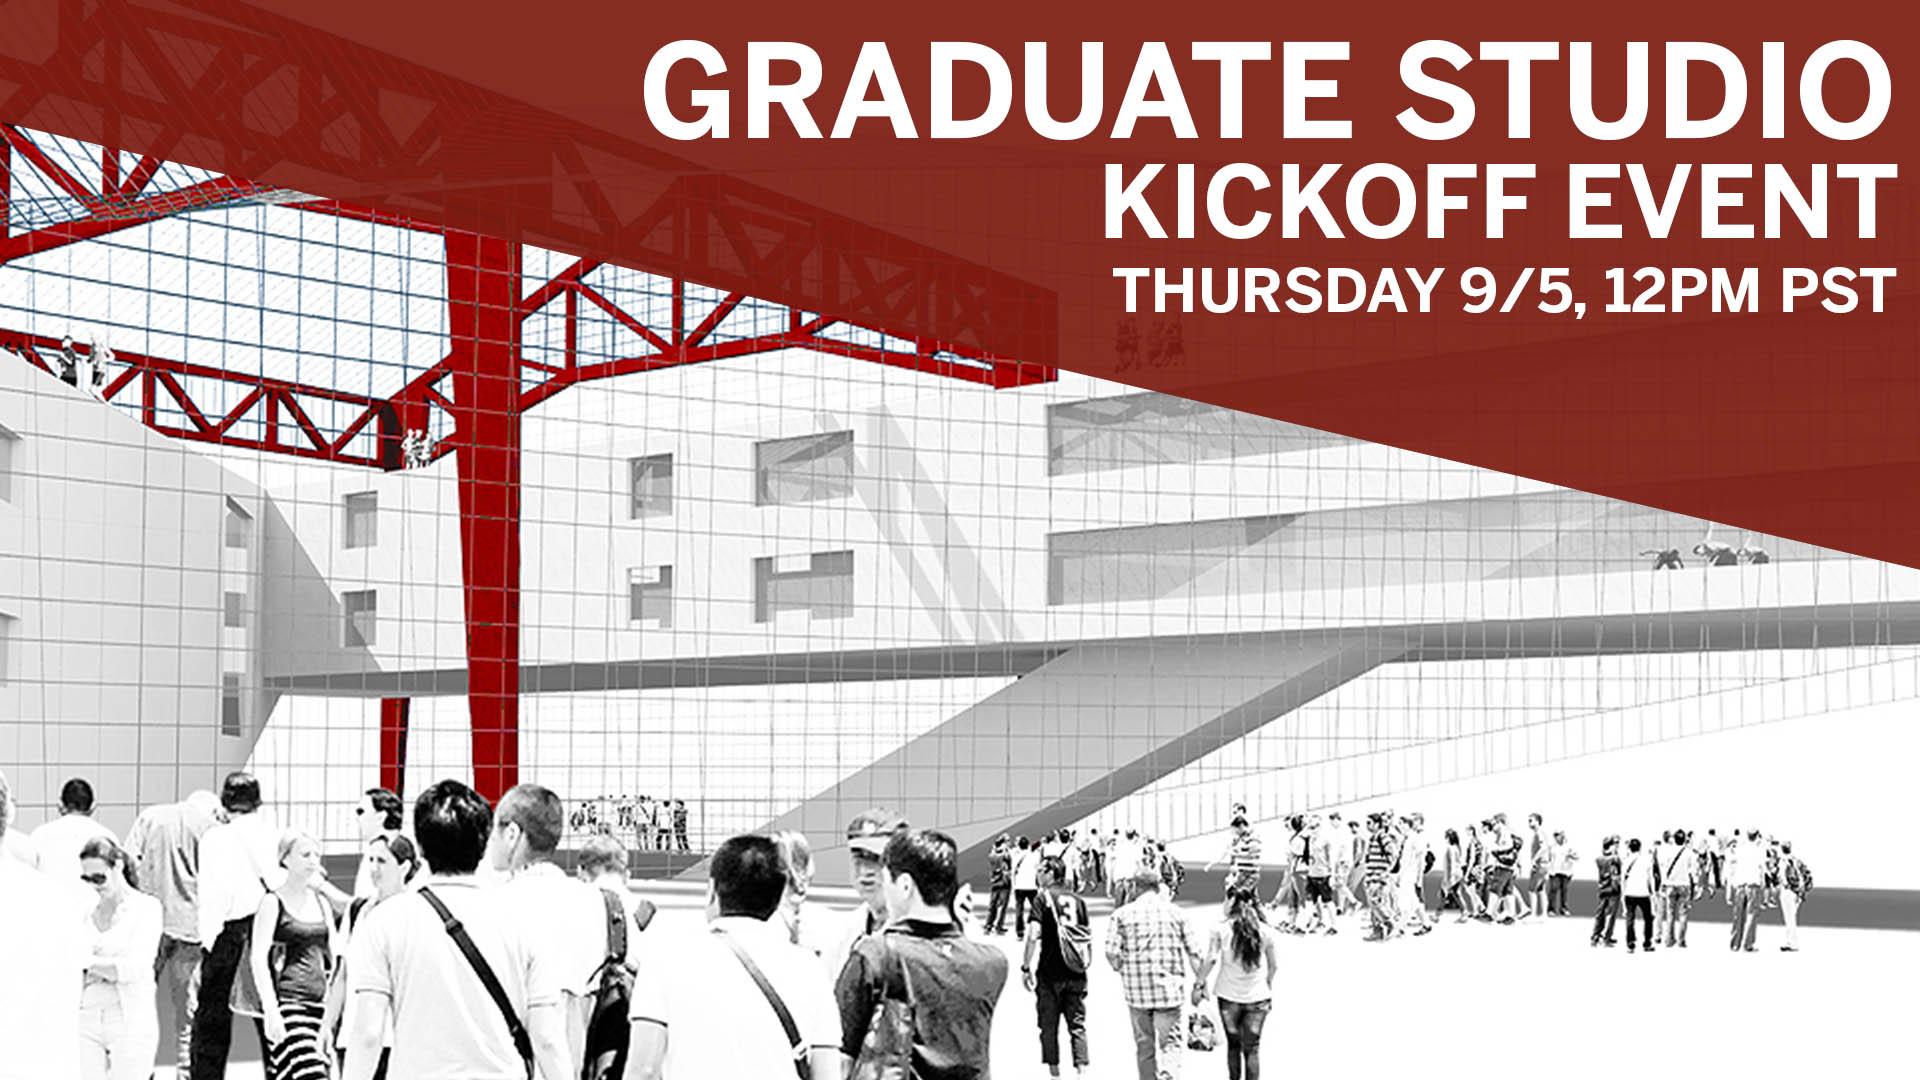 School of Architecture Graduate Studio Kickoff